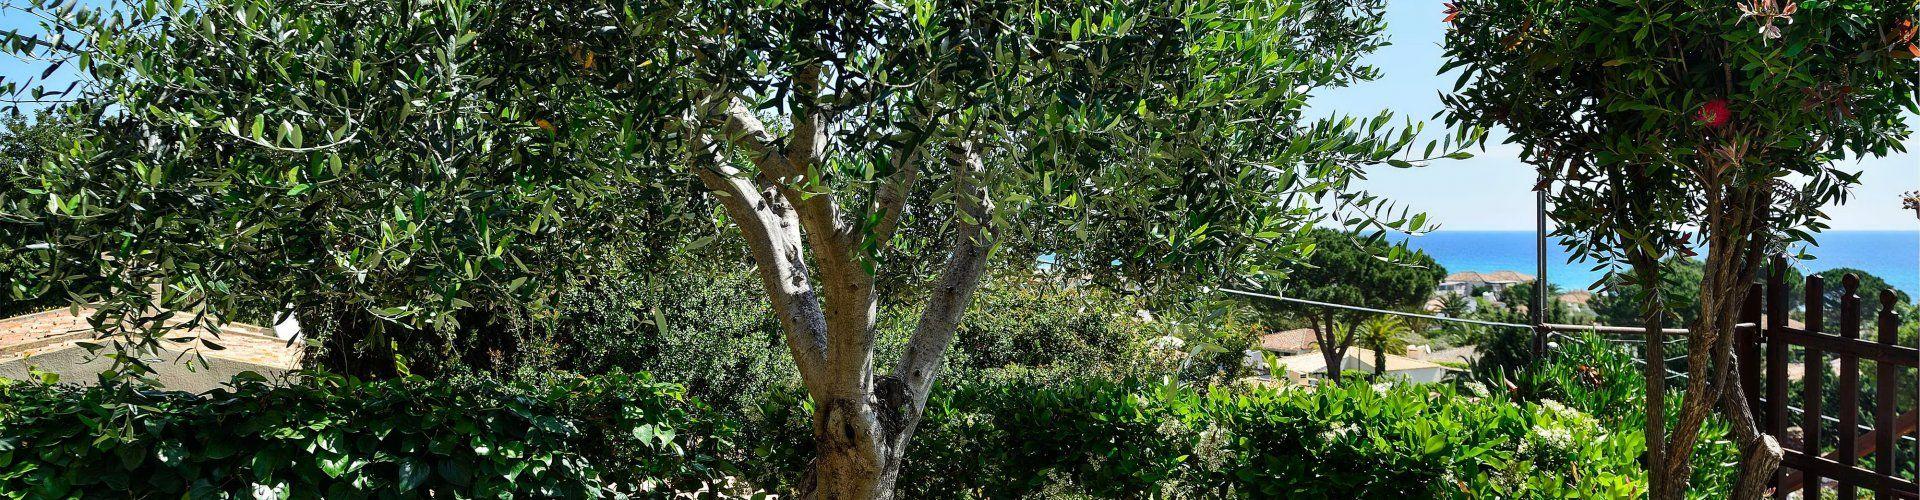 Garten mit mediterranen Pflanzen und Bäumen